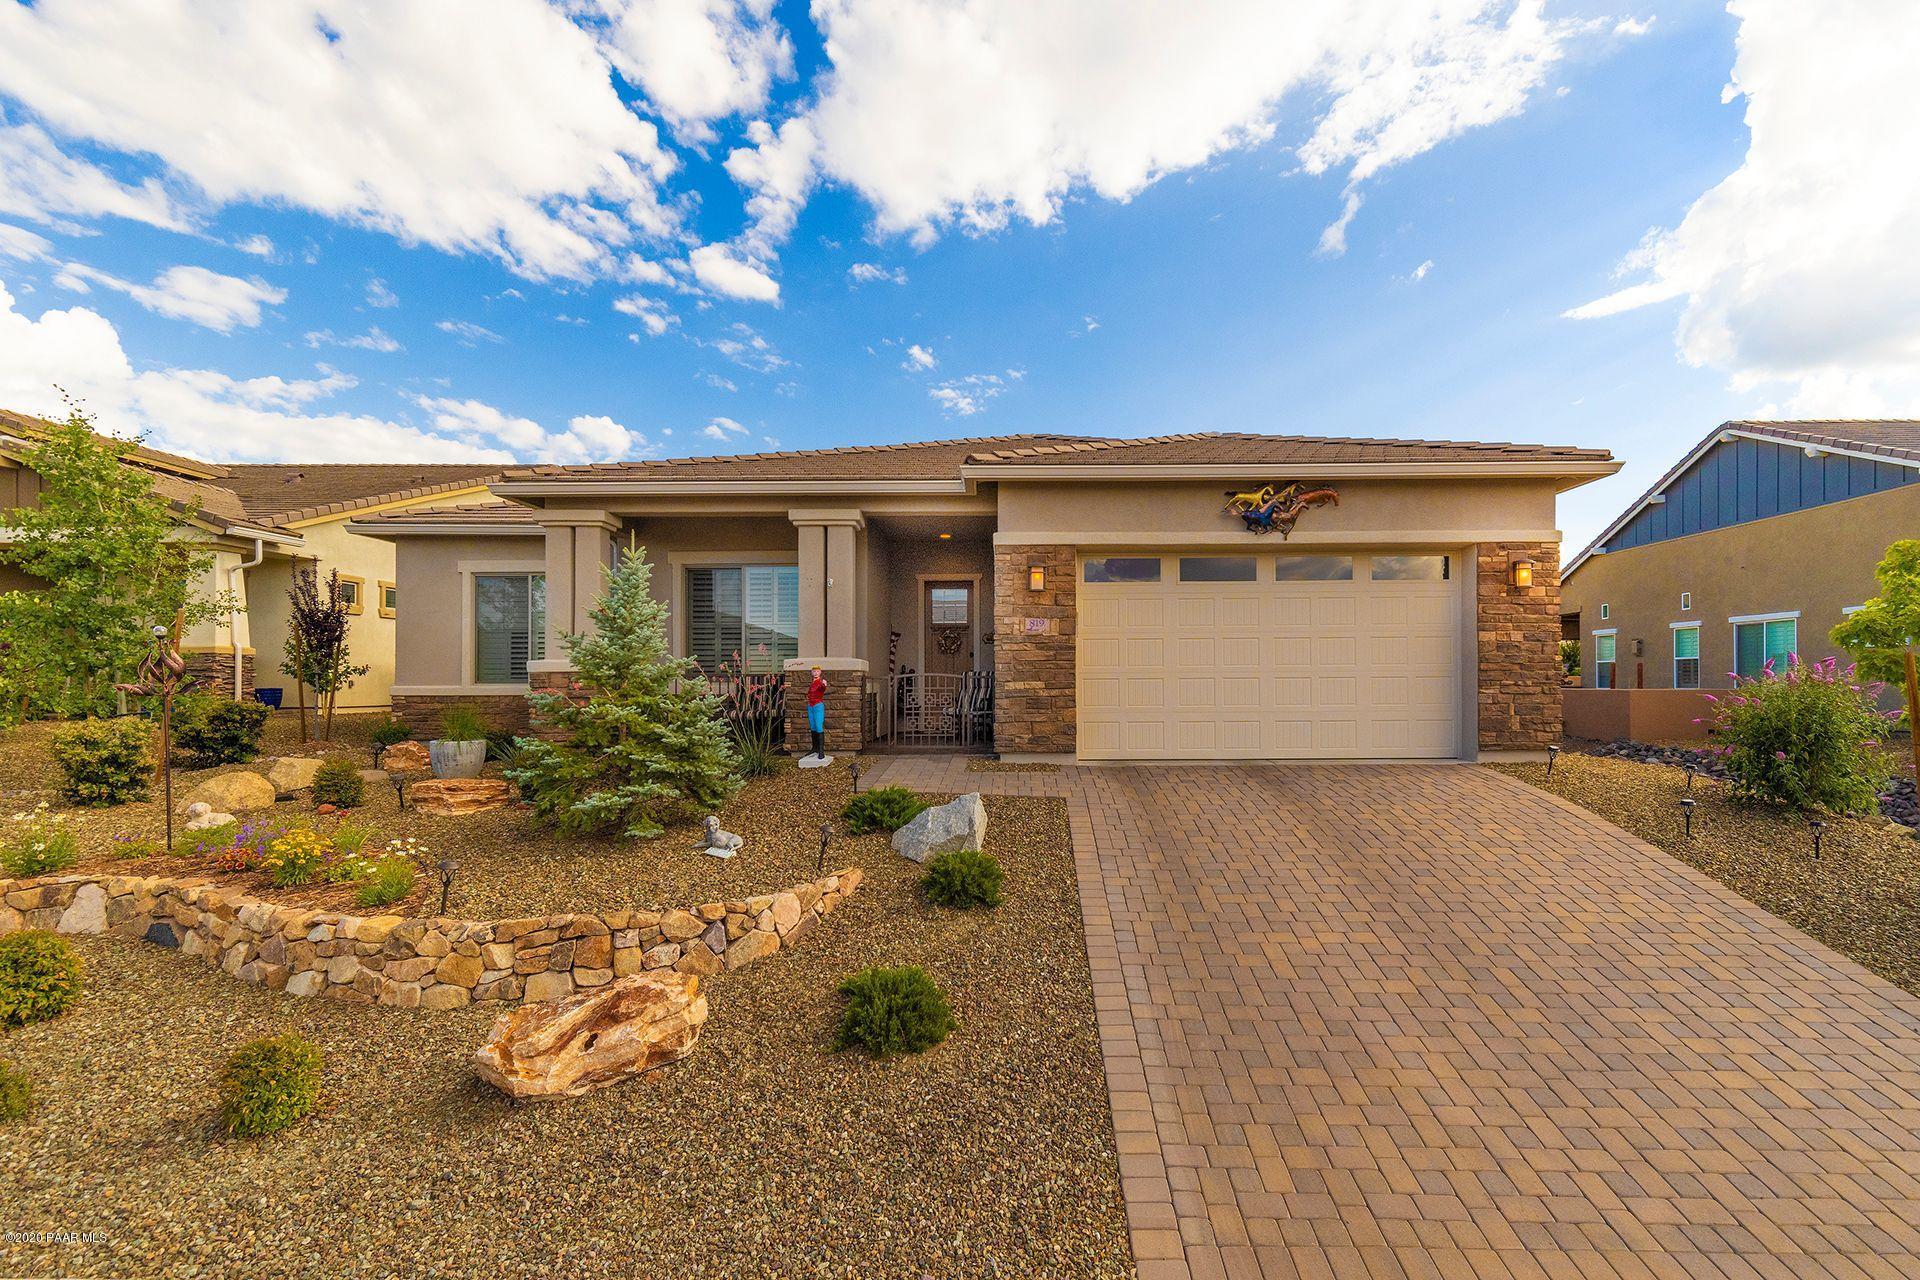 Photo of 819 Chureo, Prescott, AZ 86301